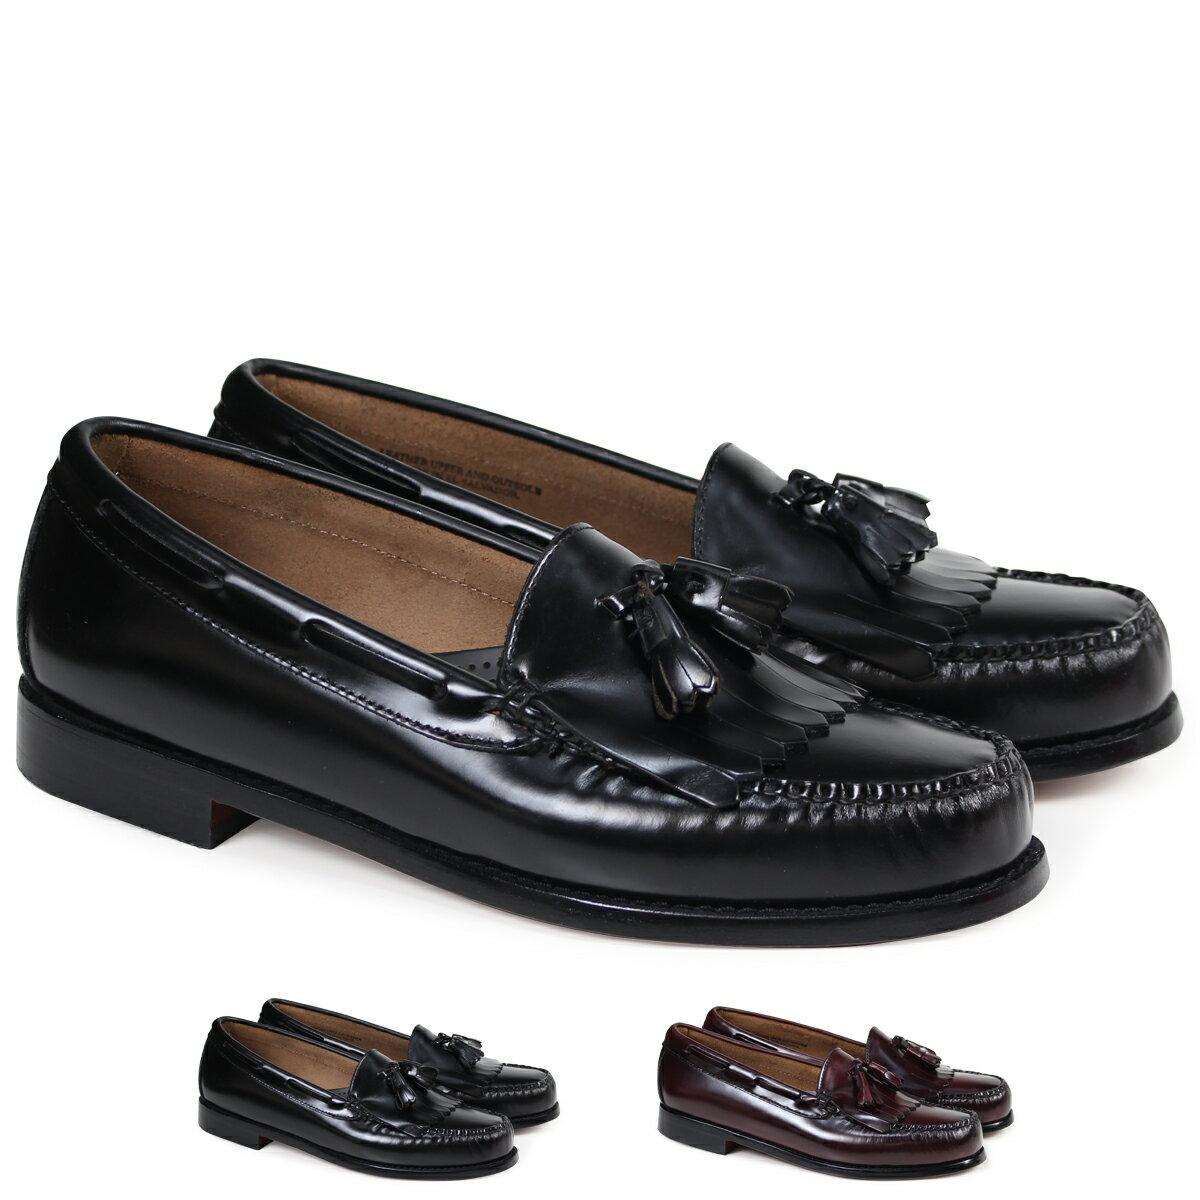 G.H. BASS LAYTON TASSEL LOAFER 70-10934 70-1093 ジーエイチバス ローファー メンズ9 靴 2カラー